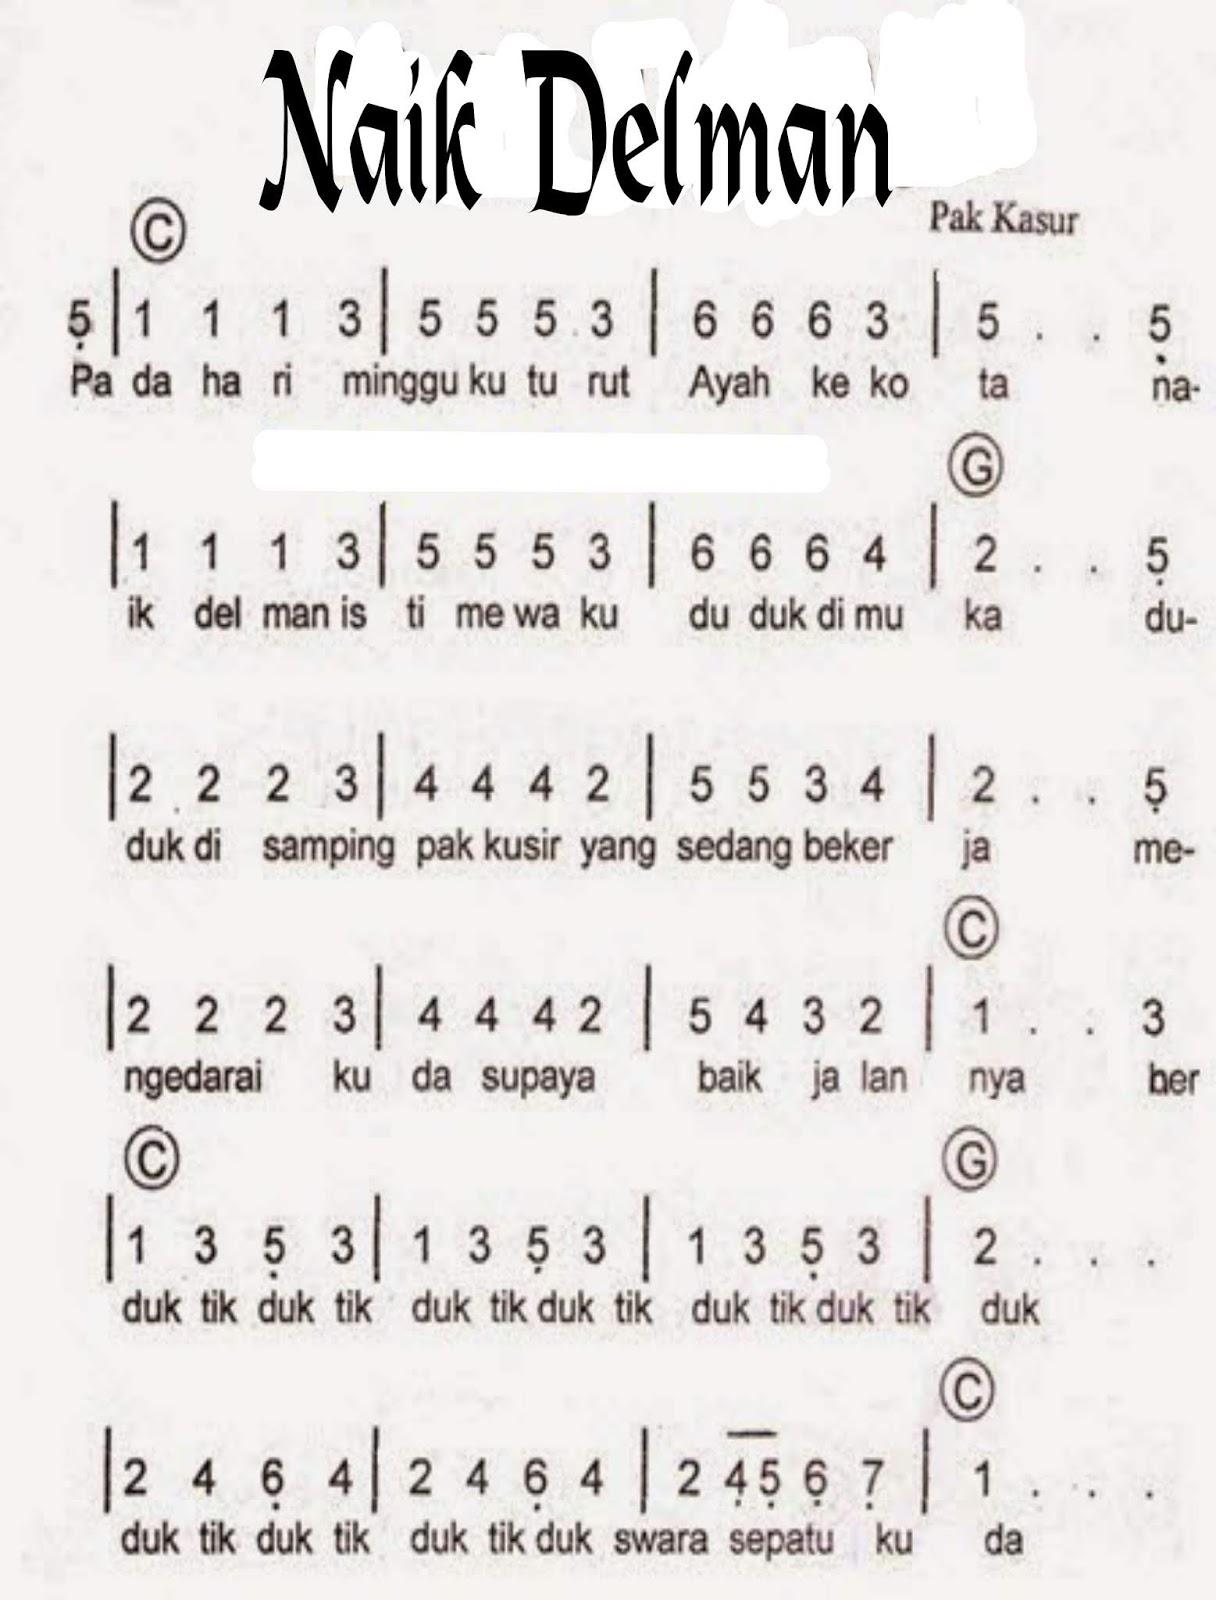 Lirik Lagu Delman : lirik, delman, Delman